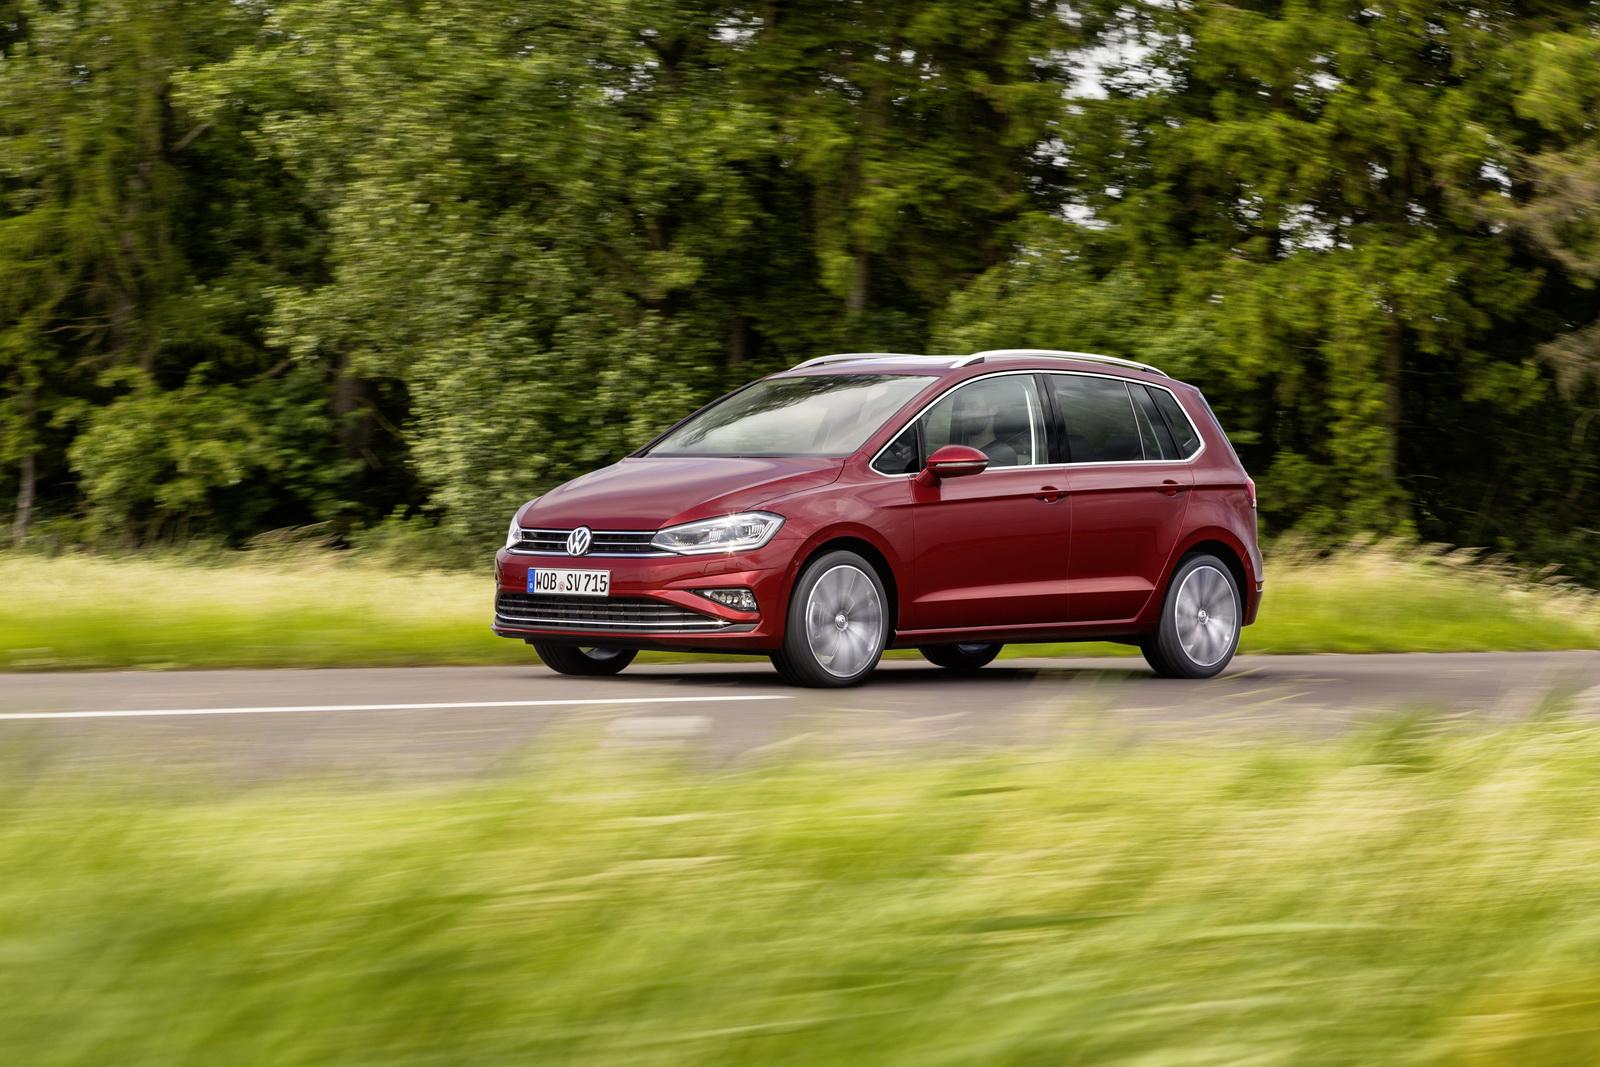 2018_Volkswagen_Golf_Sportsvan_facelift_12